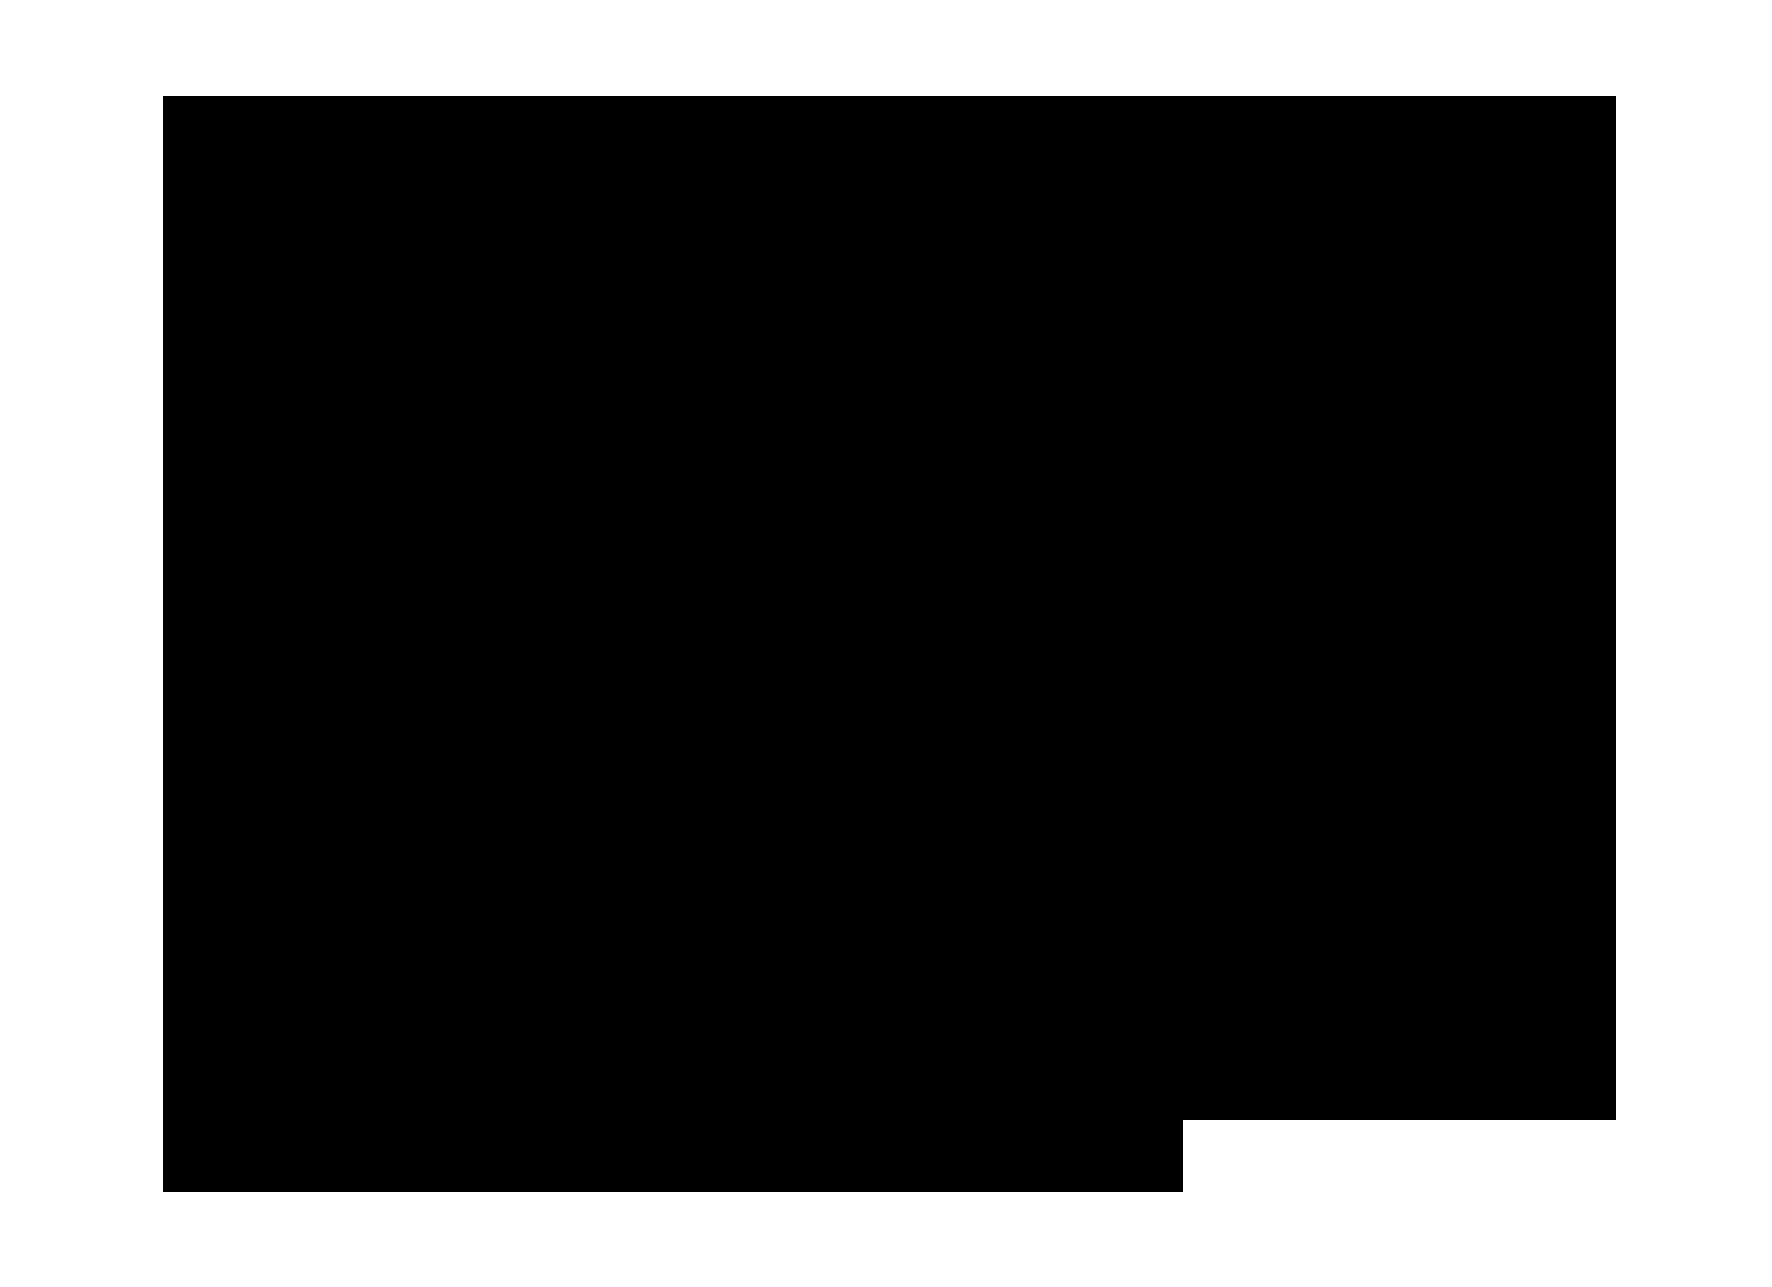 Der Geist der Vergangenheit liegt bedrohlich über dem ostfriesischen Anwesen Grafensand, als ausgerechnet Frauke Grafen unter einen schrecklichen Verdacht gerät. Denn alle Beweise sprechen dafür, dass die junge Bankerbin Kommissar Gunnar Hendriks in seiner Wohnung kaltblütig erstochen hat. Der ostfriesische Kommissar war besessen davon, den Tod seines Freundes Renke Grafen aufzuklären. Ist er bei seinen Nachforschungen an brisante Dokumente gelangt, die Geldwäsche im großen Stil nachweisen? Hat Frauke die Nerven verloren im verzweifelten Versuch, ihre Familie und die Grafen Bank zu schützen? Oder zieht jemand im Hintergrund die Strippen und versucht, ihr den Mord in die Schuhe schieben? Fraukes Freunde sind von ihrer Unschuld überzeugt und setzen alles daran, die Wahrheit ans Licht zu bringen. Doch zunächst müssen sie Frauke finden, denn die ist seit der Tat wie vom Erdboden verschluckt …